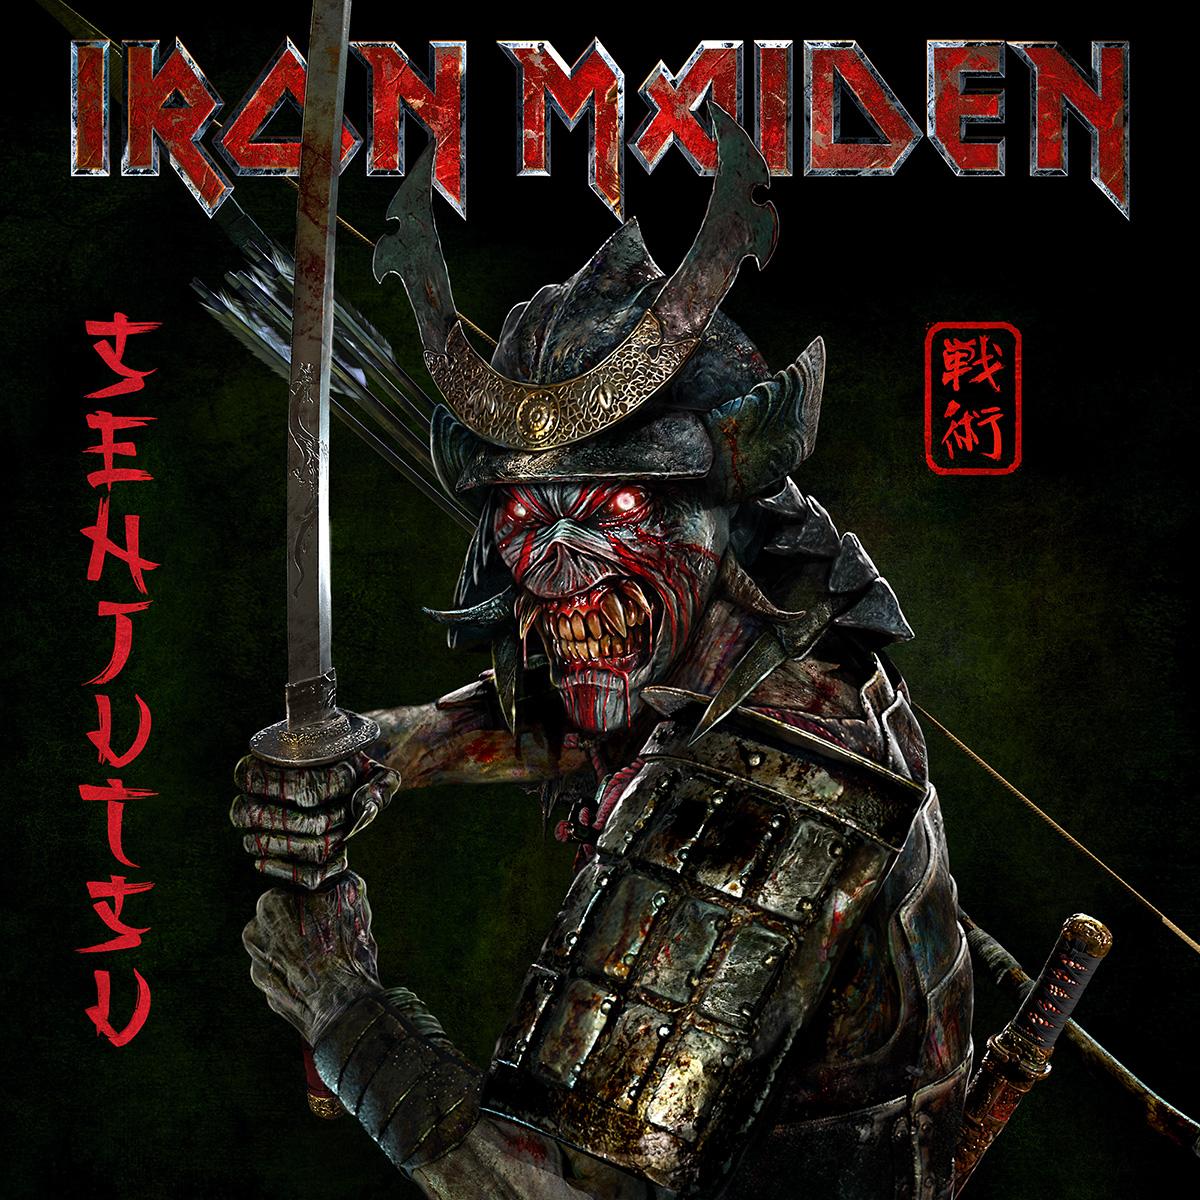 Iron Maiden acaba de divulgar informações do novo álbum Senjutsu